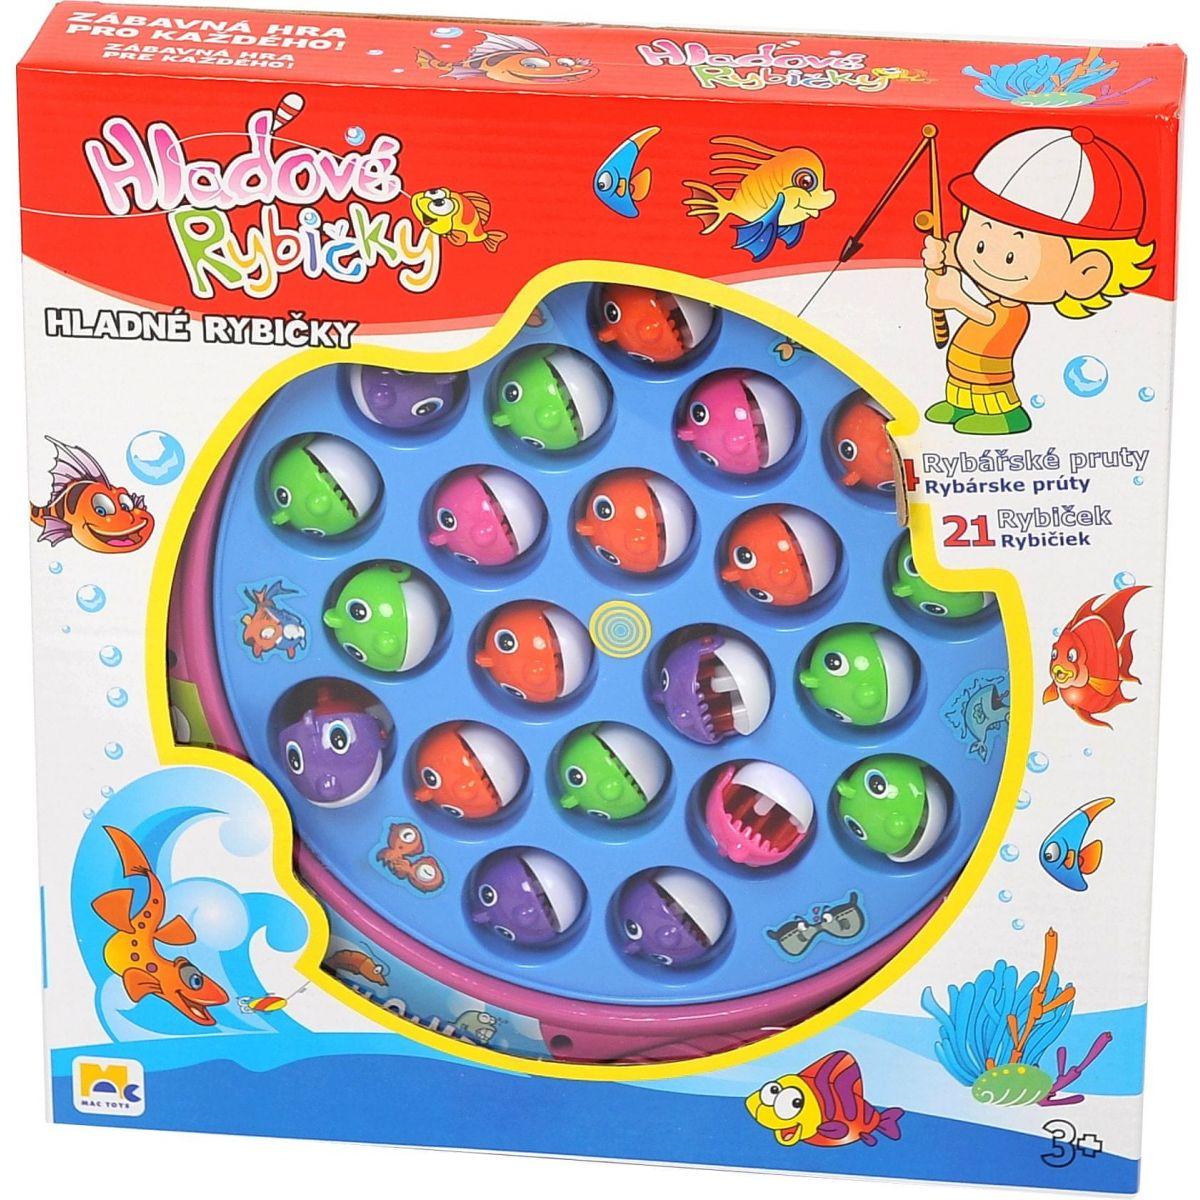 Mac Toys Hladové rybičky - Poškozený obal